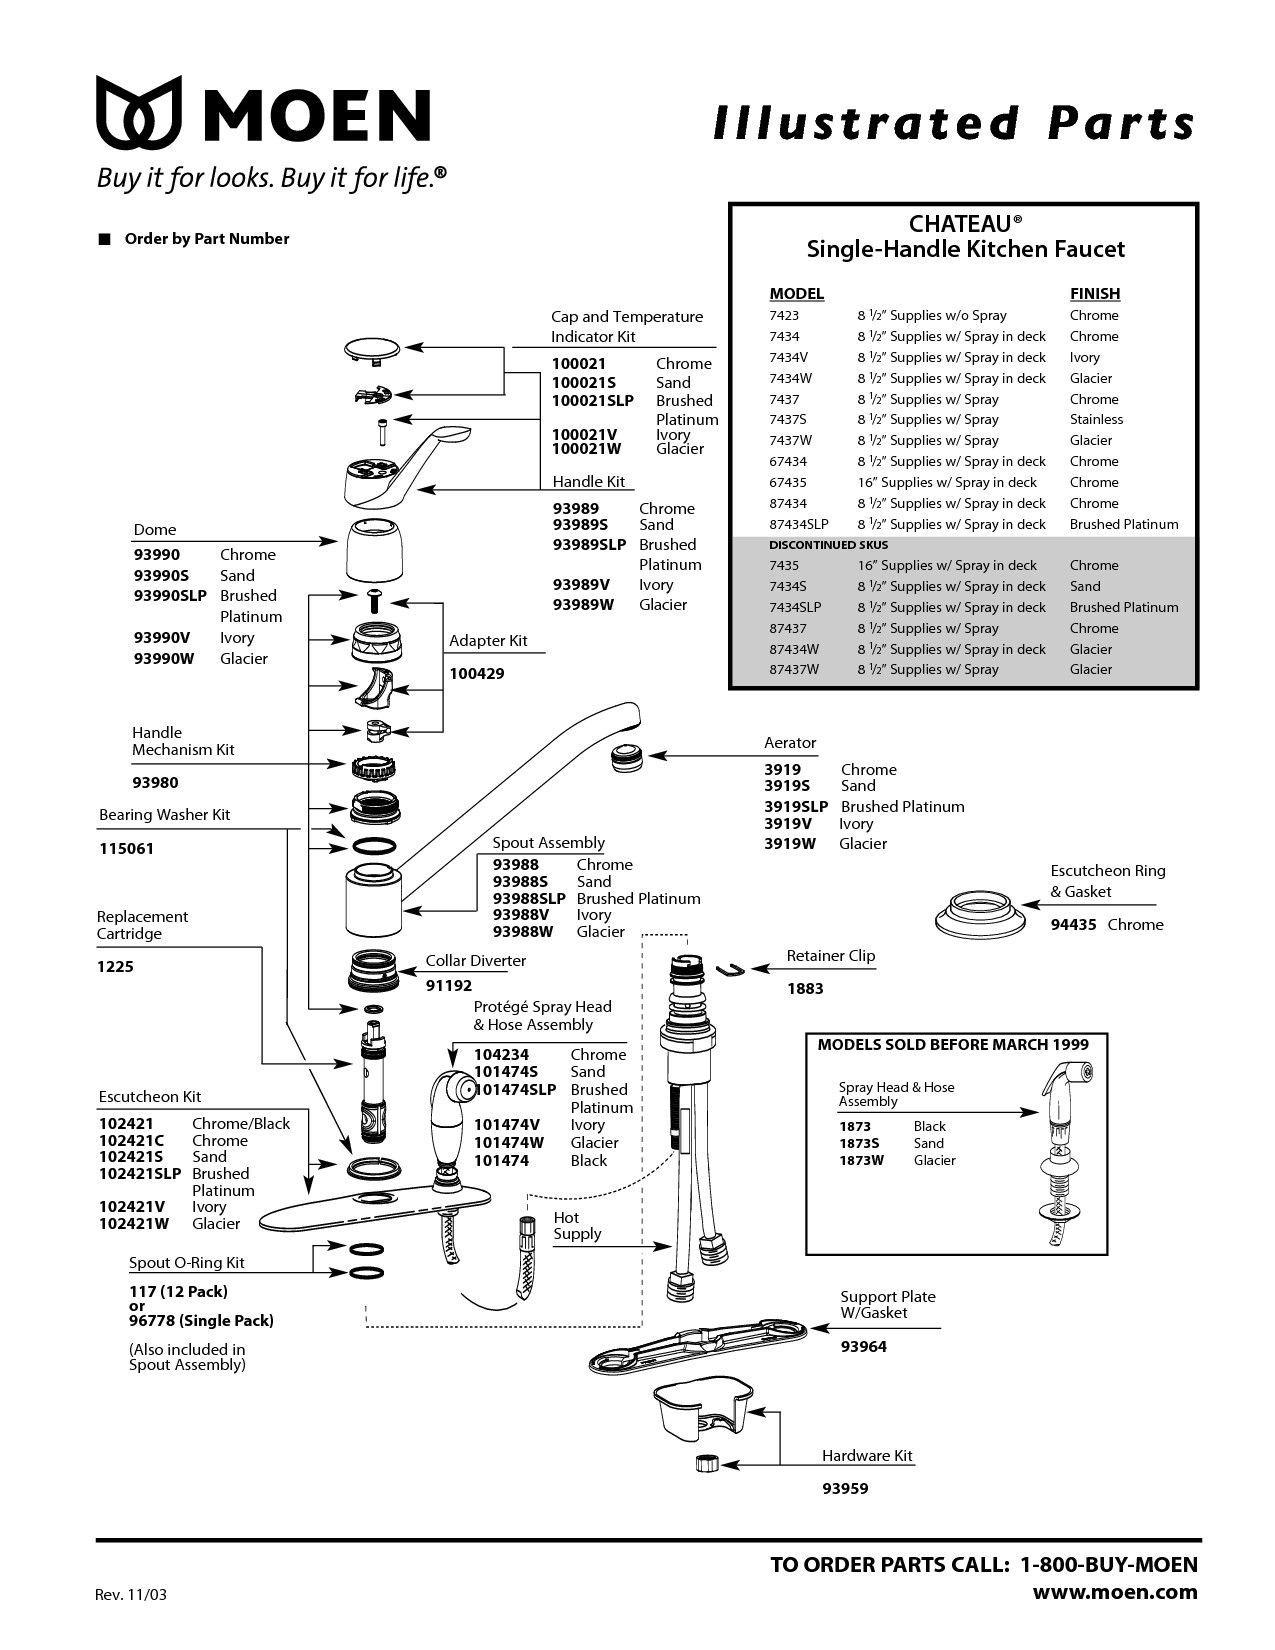 Luxury Moen Faucet 7400 Diagram Moenkitchenfaucet7400repair With